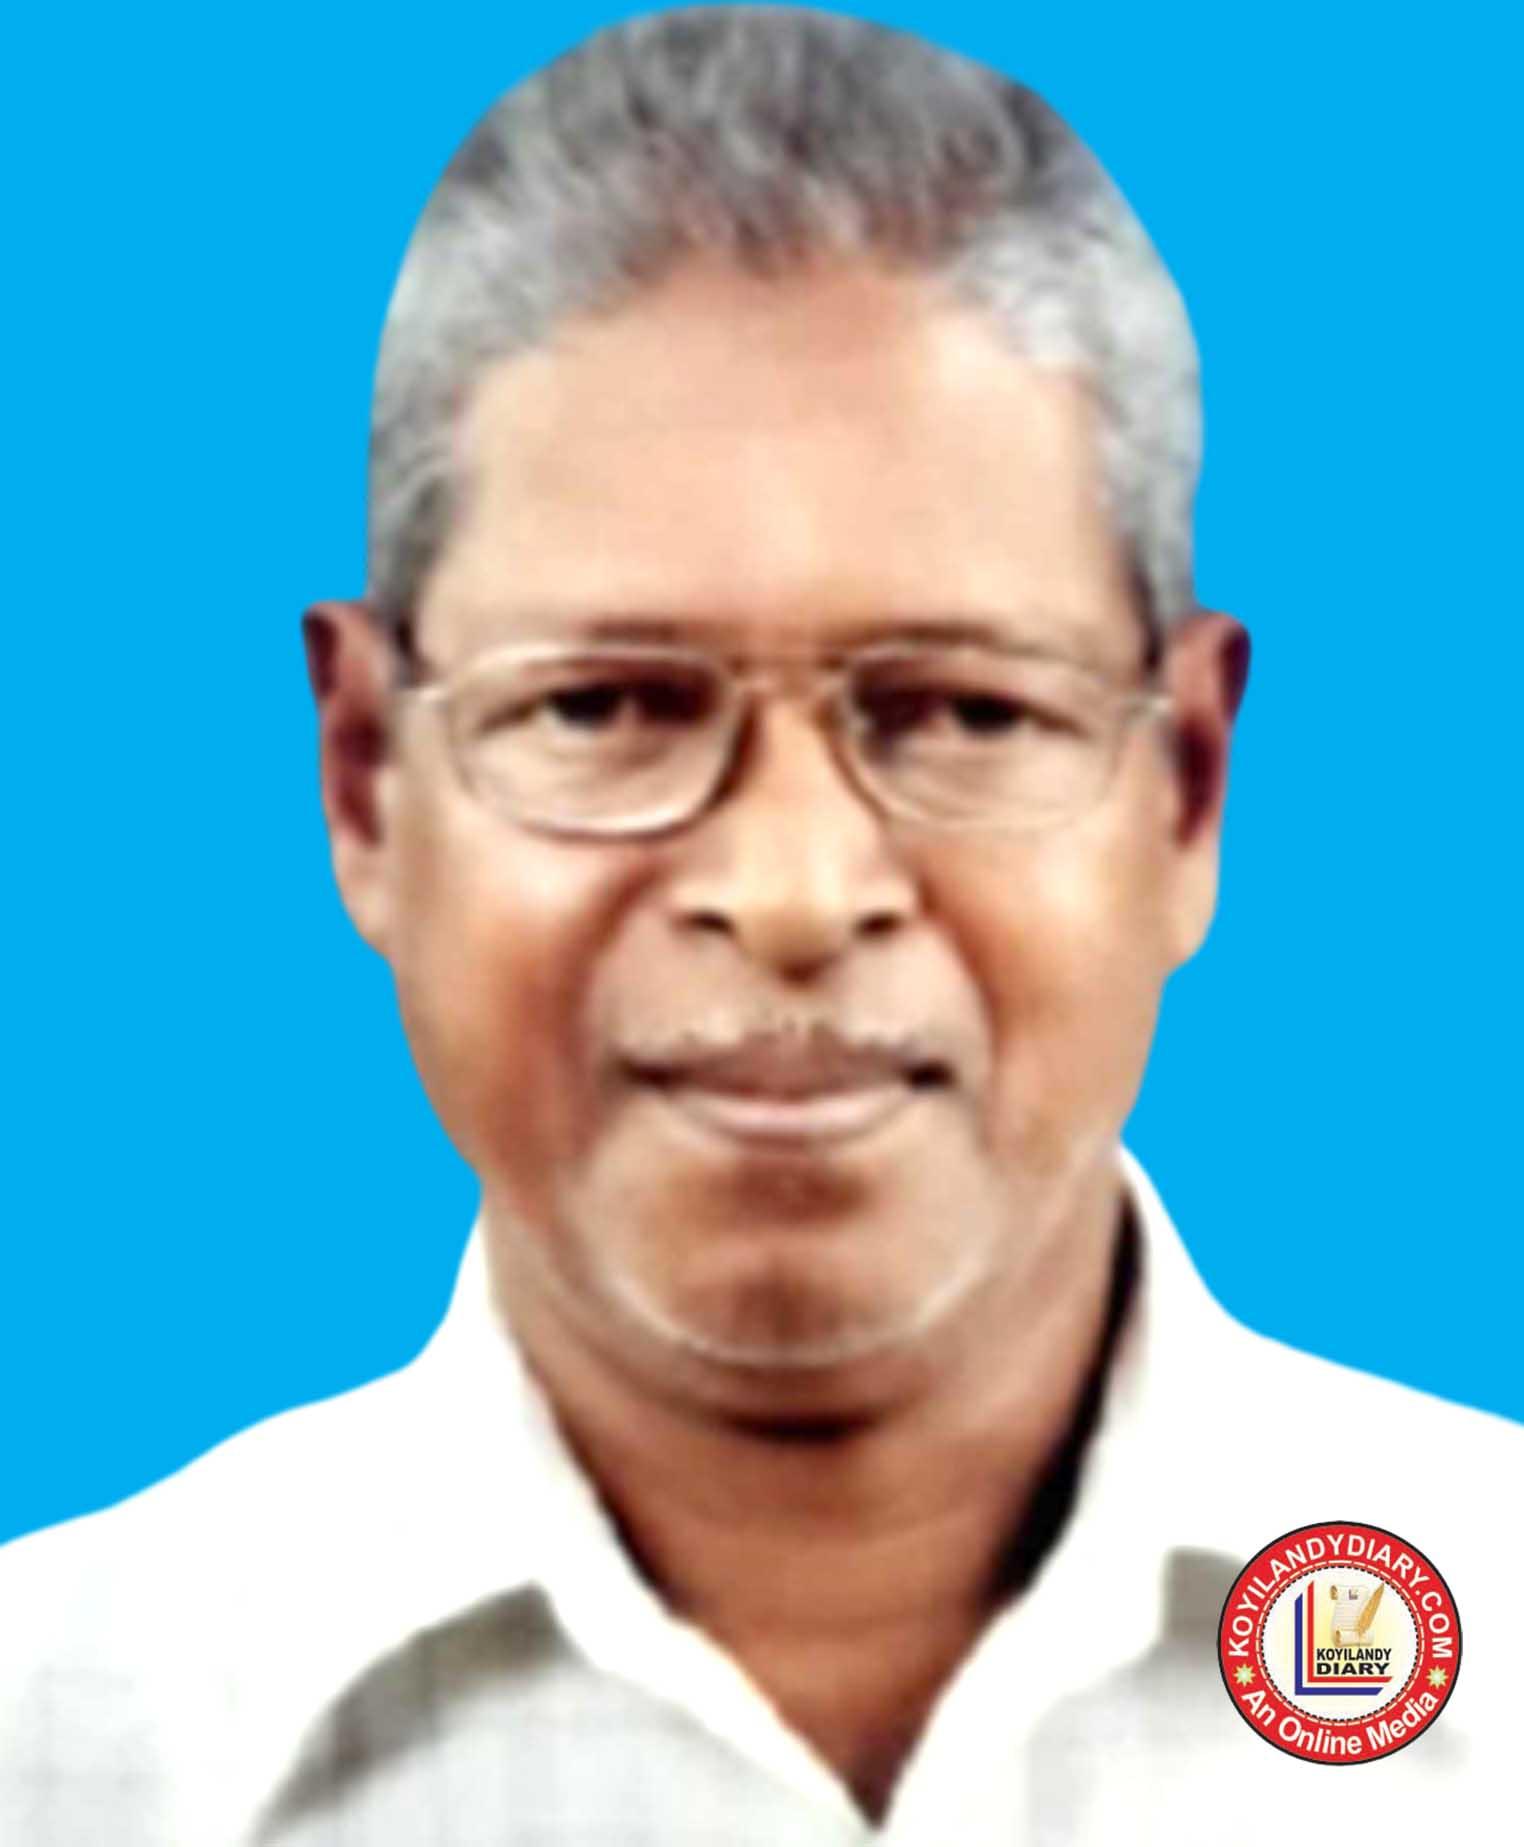 പന്തലായനി തച്ചോളി താഴെ കുനിയിൽ കൃഷ്ണൻ (78)